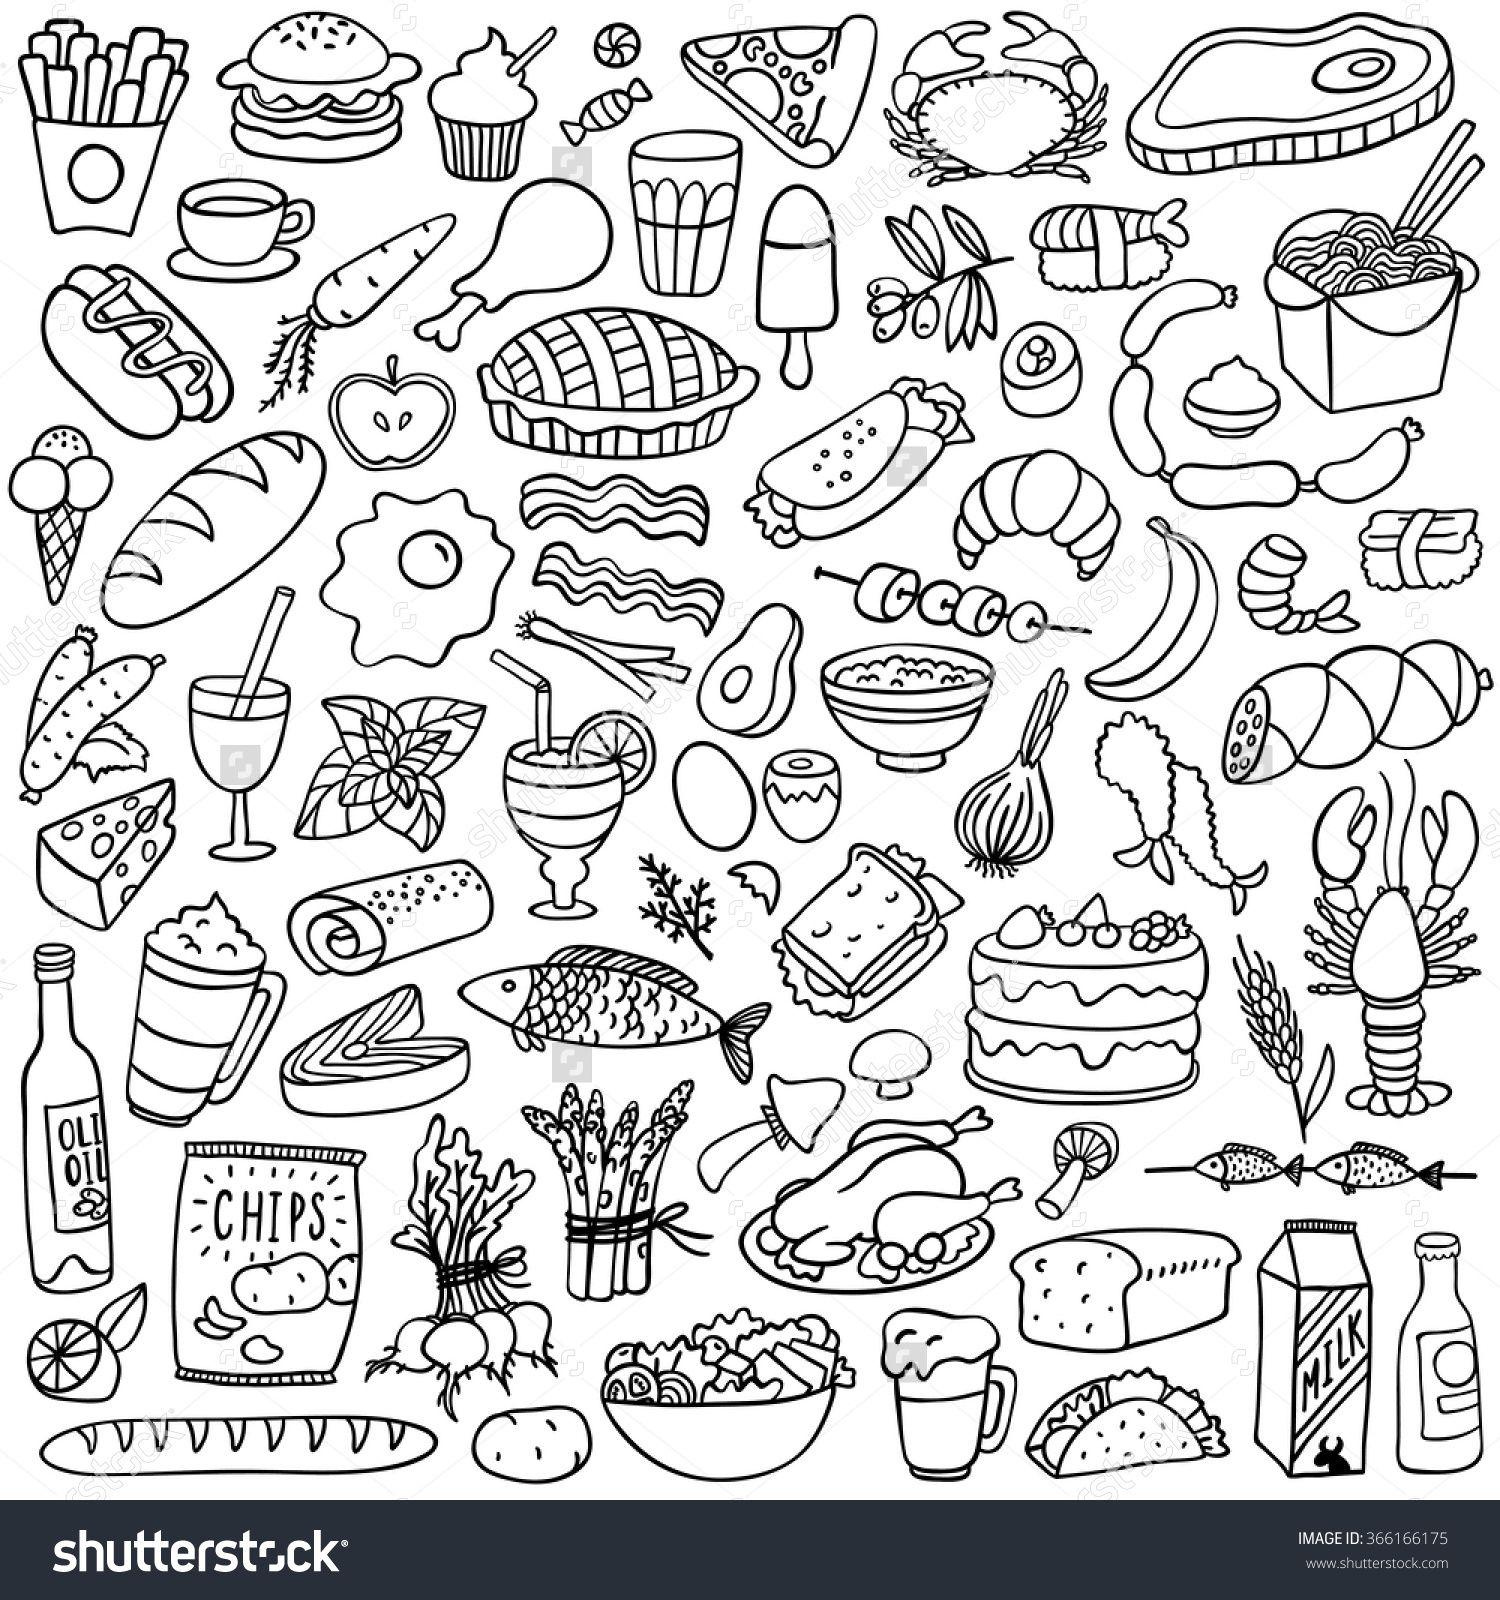 Food Doodles Set Travel Journal Pinterest Doodles Food